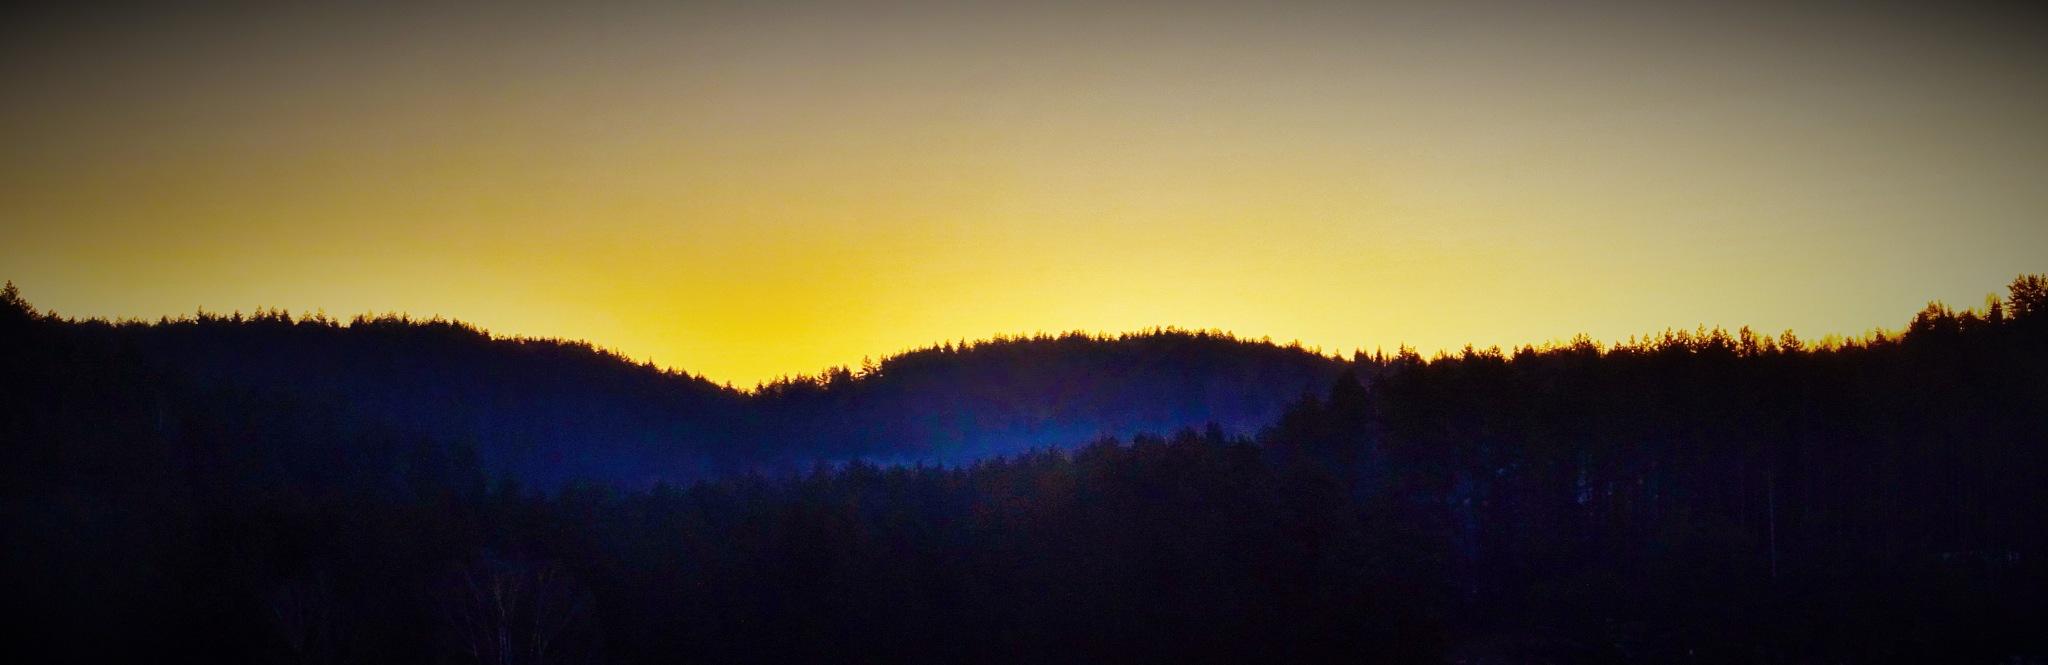 Dawn. by vita.tucaite